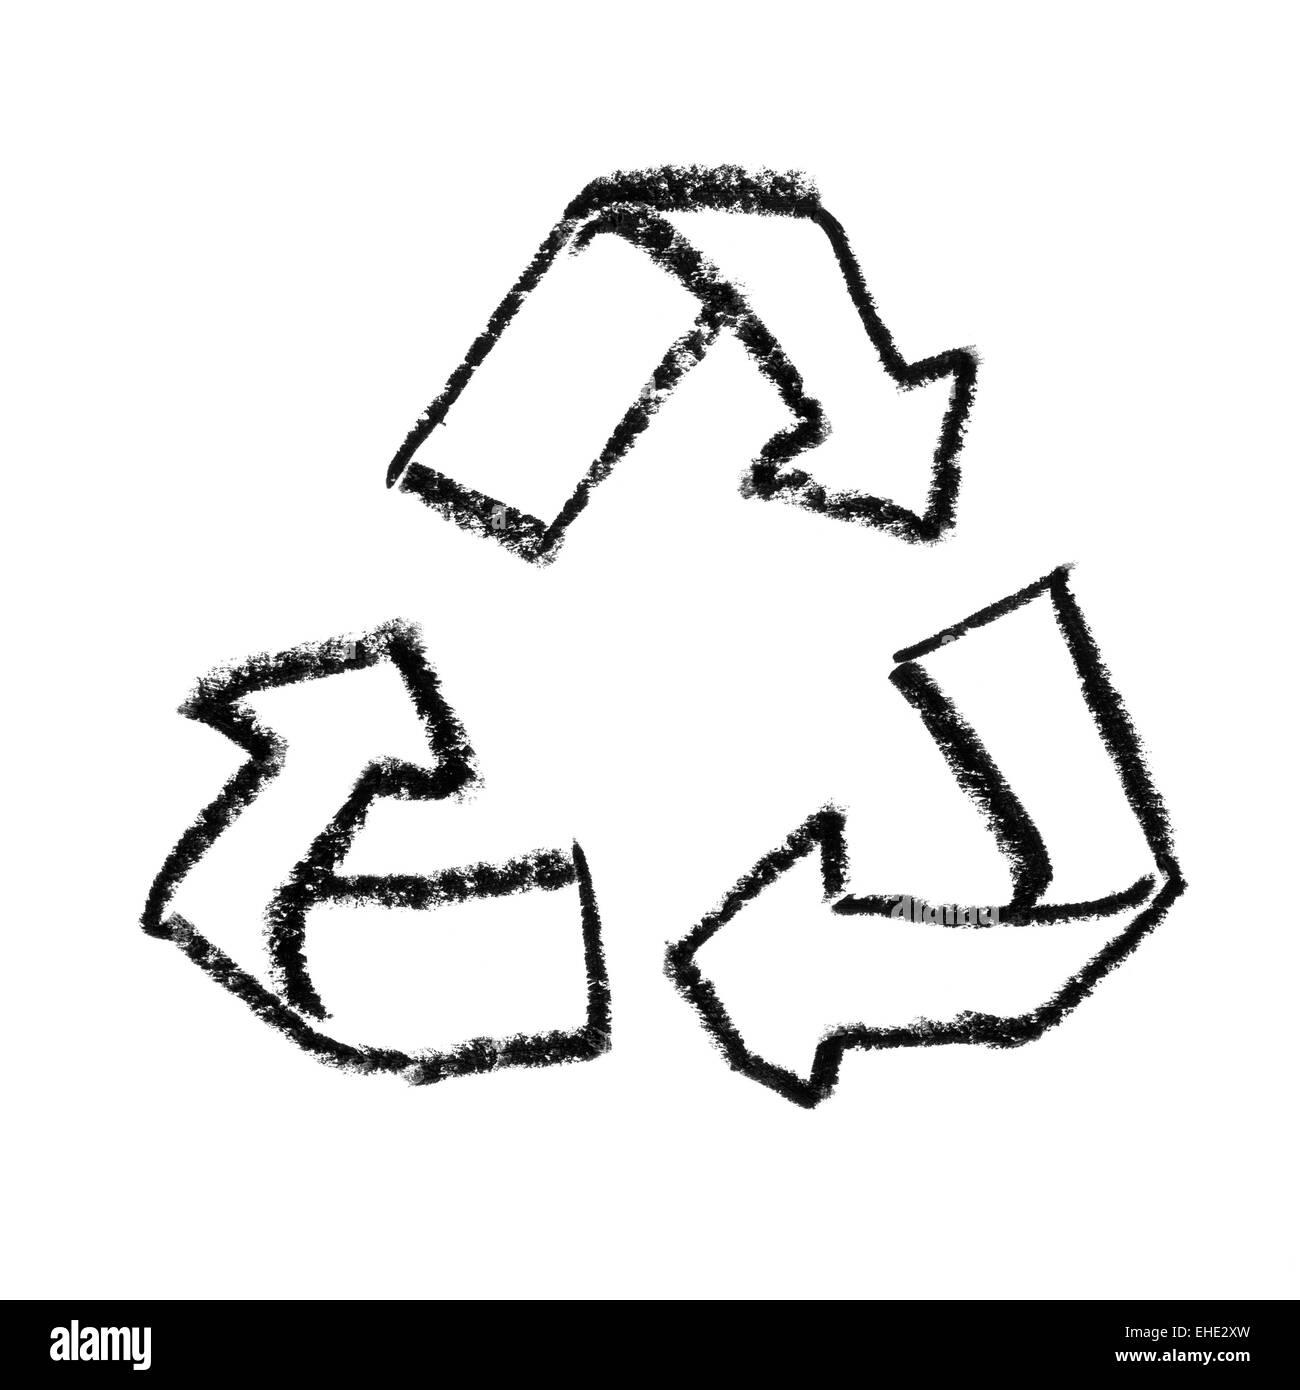 Simbolo di riutilizzo Immagini Stock